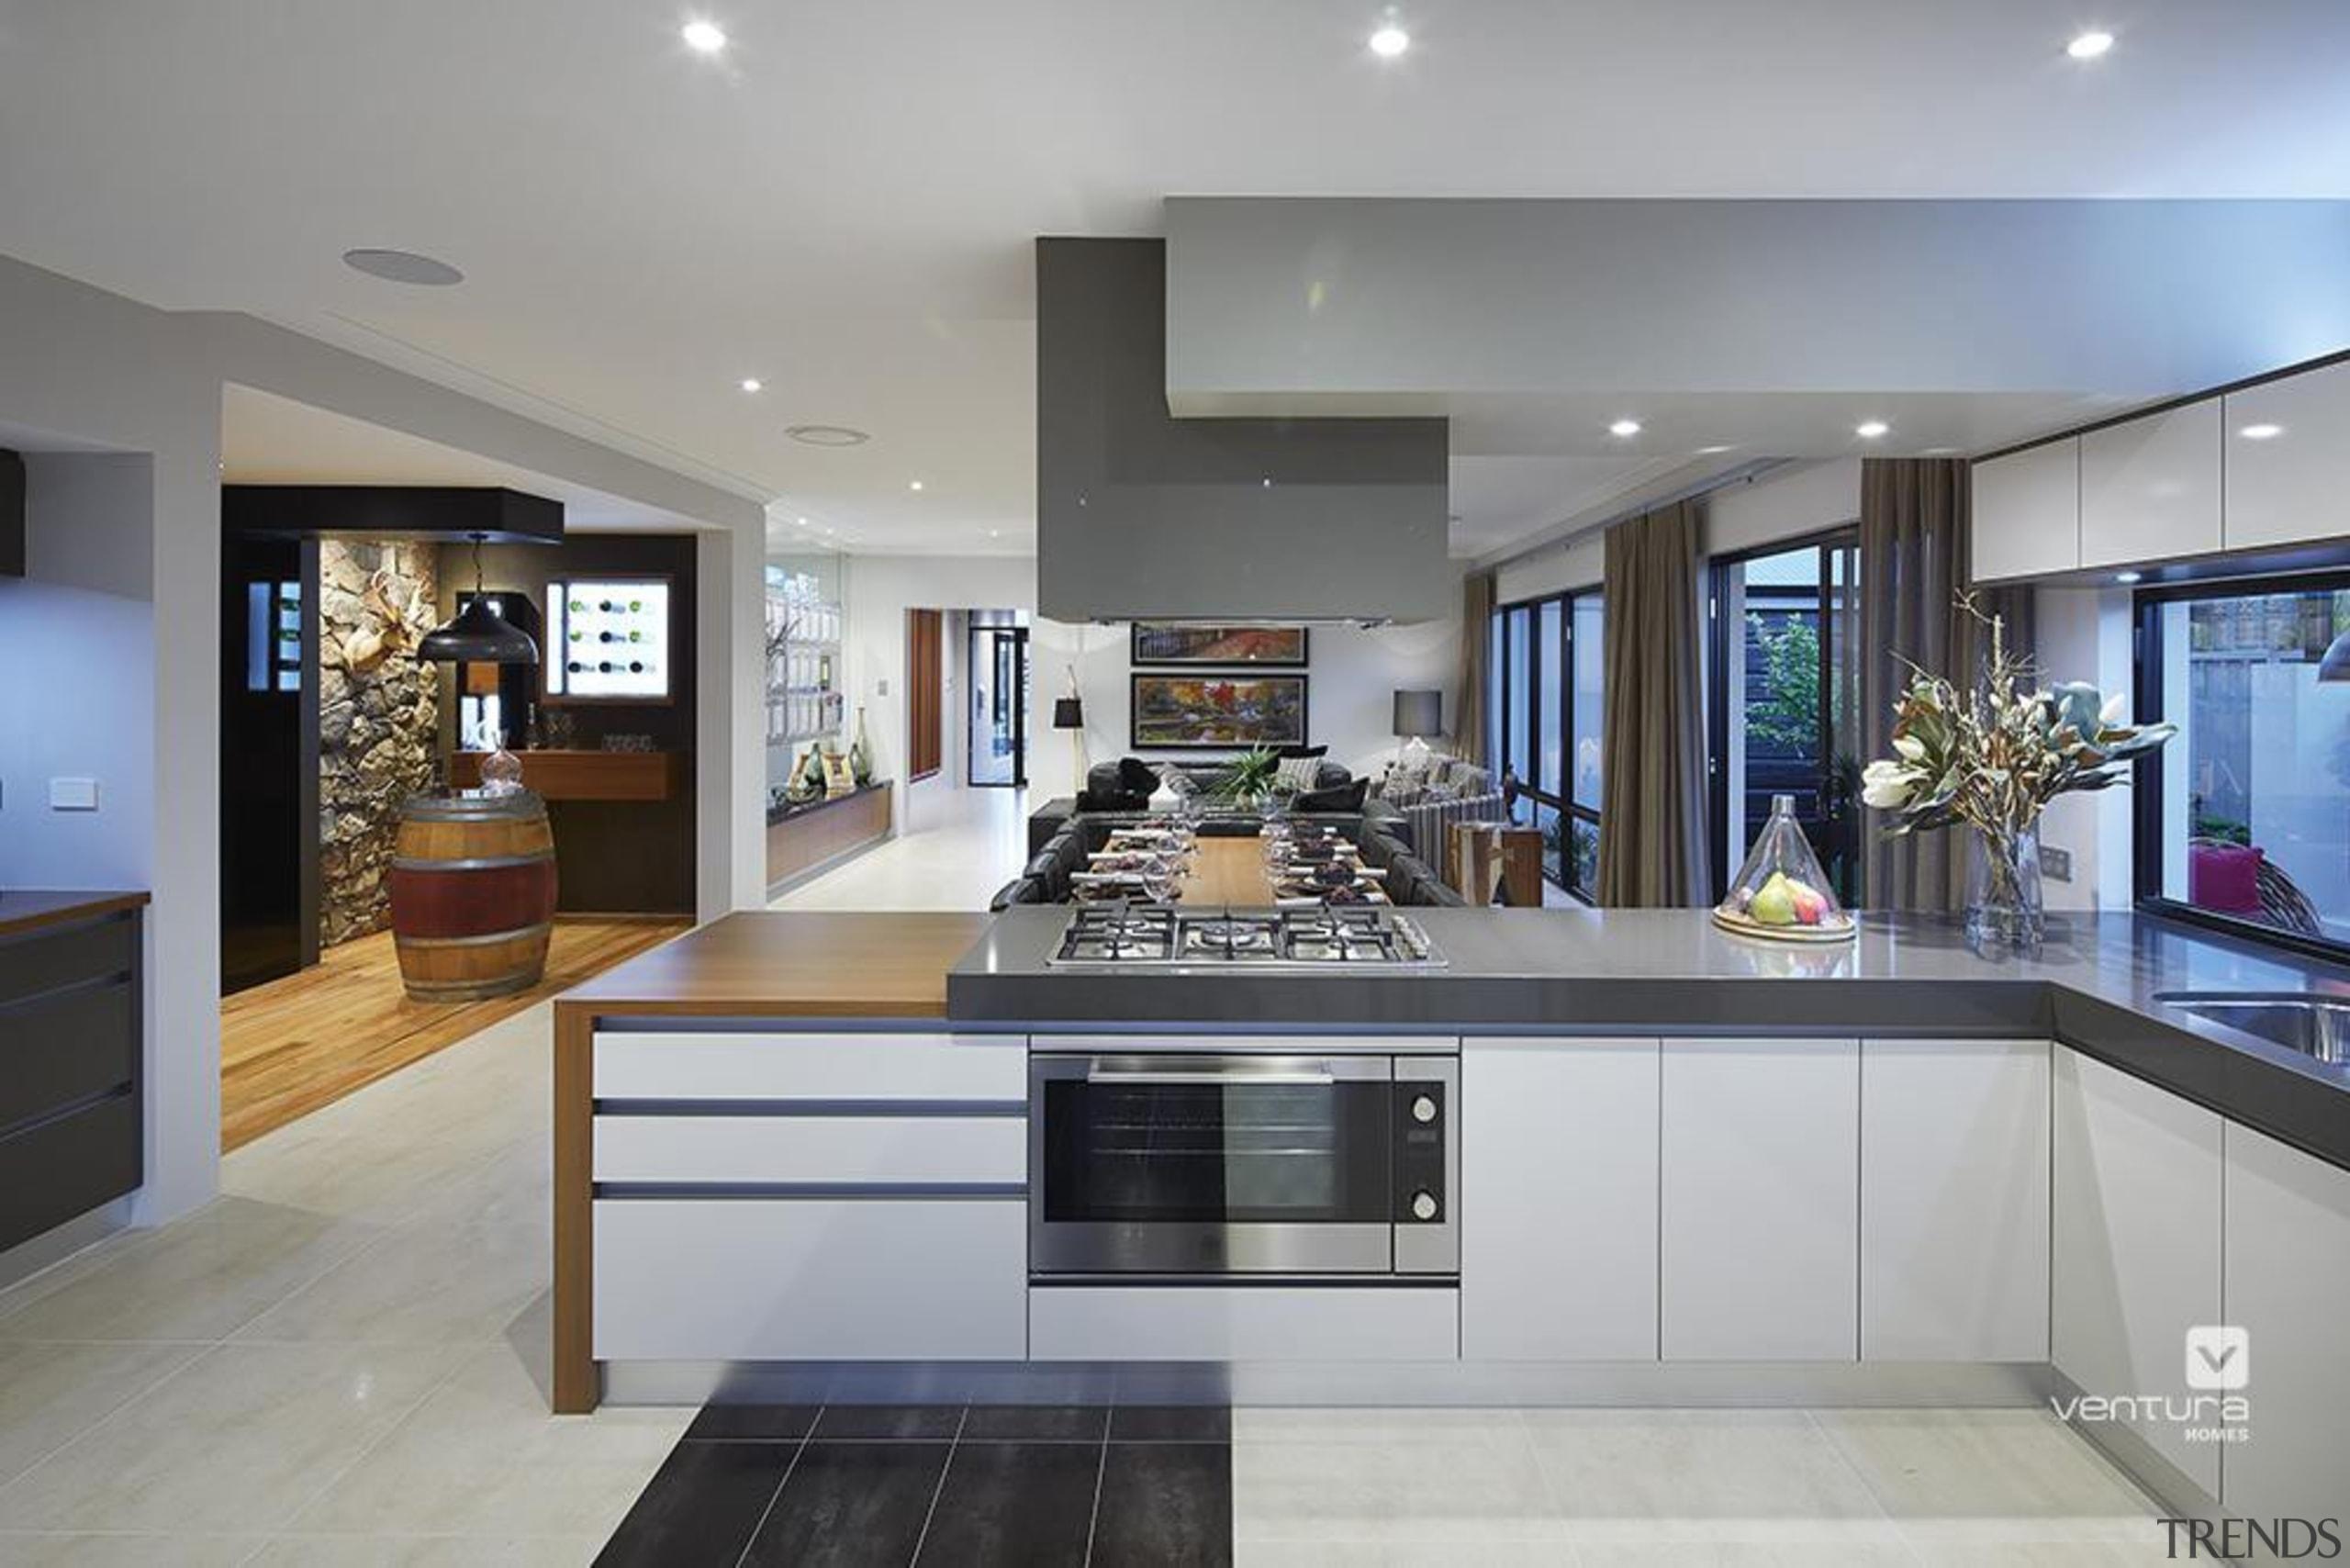 Kitchen design. - The Macquarie Display Home - countertop, interior design, kitchen, real estate, gray